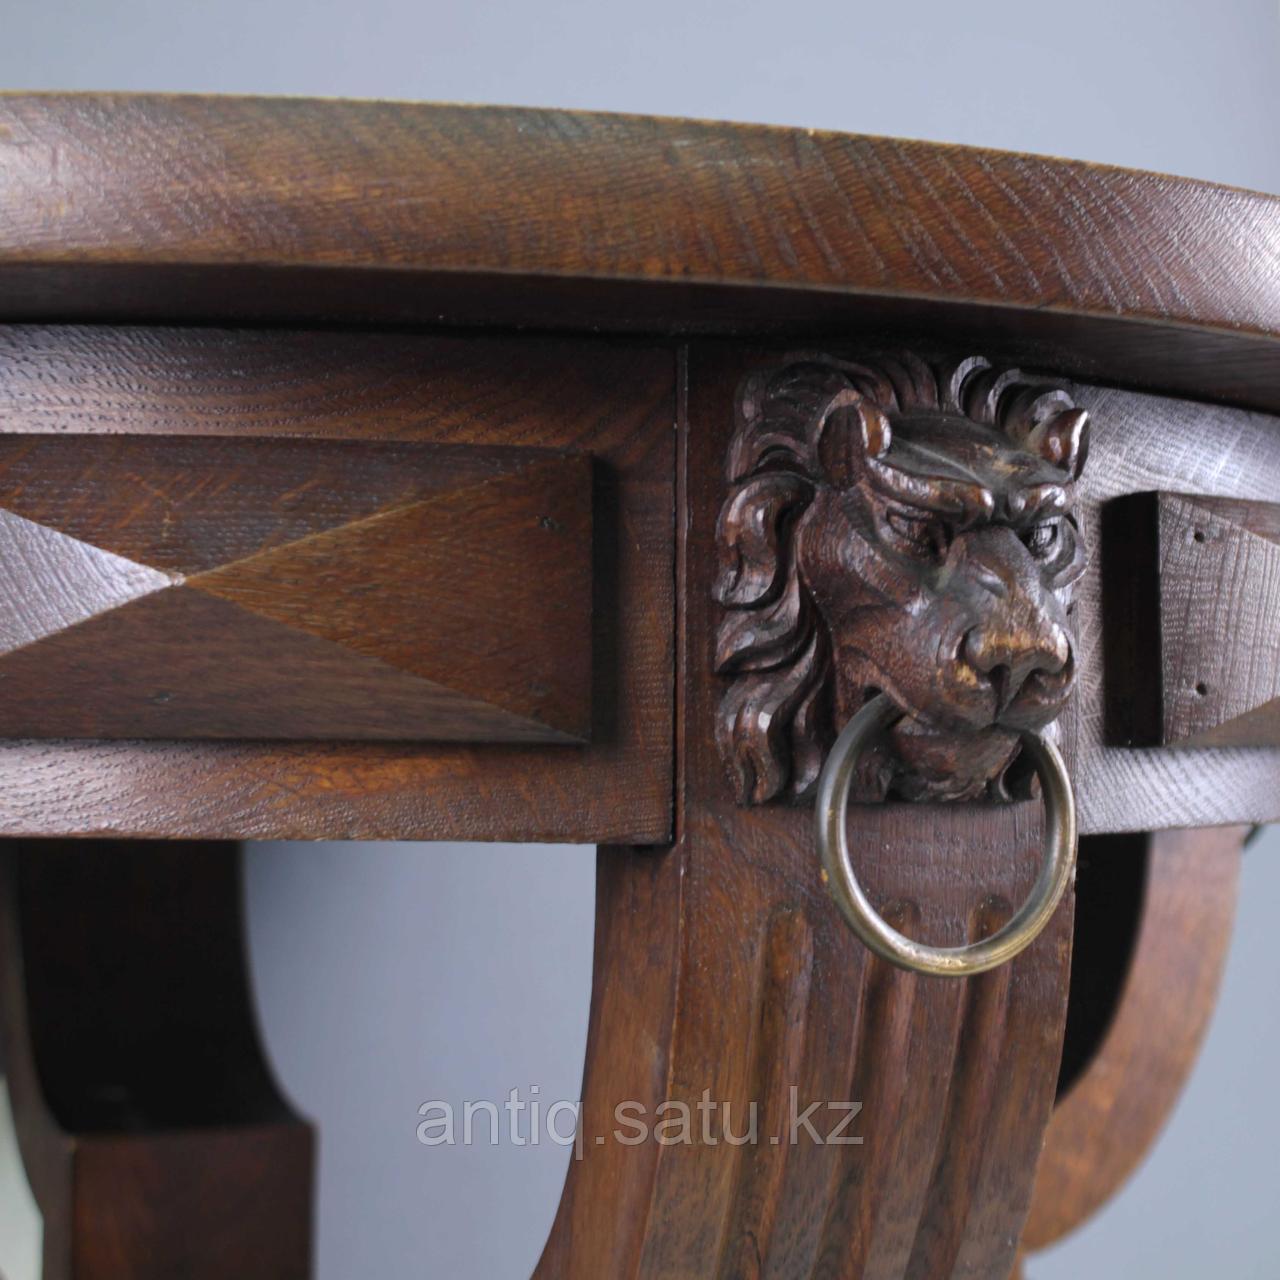 Журнальный столик со львами. Франция. Конец XIX - начало XX века - фото 8